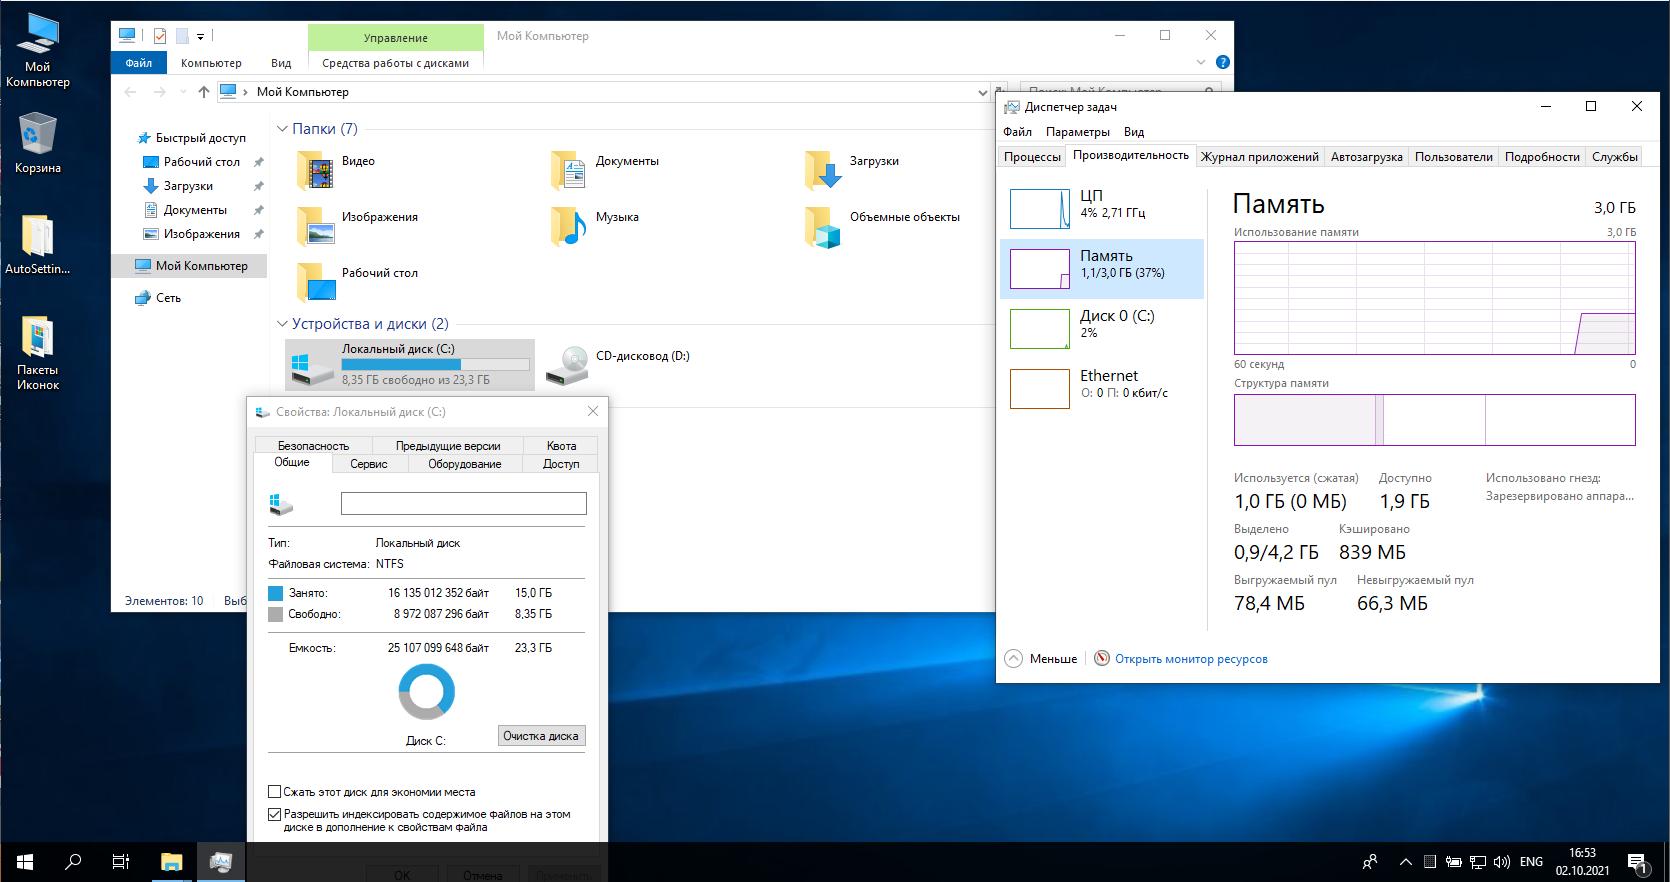 Windows 10 Enterprise LTSC Build 17763.2210 Version 1809 x64 by ArtZak1